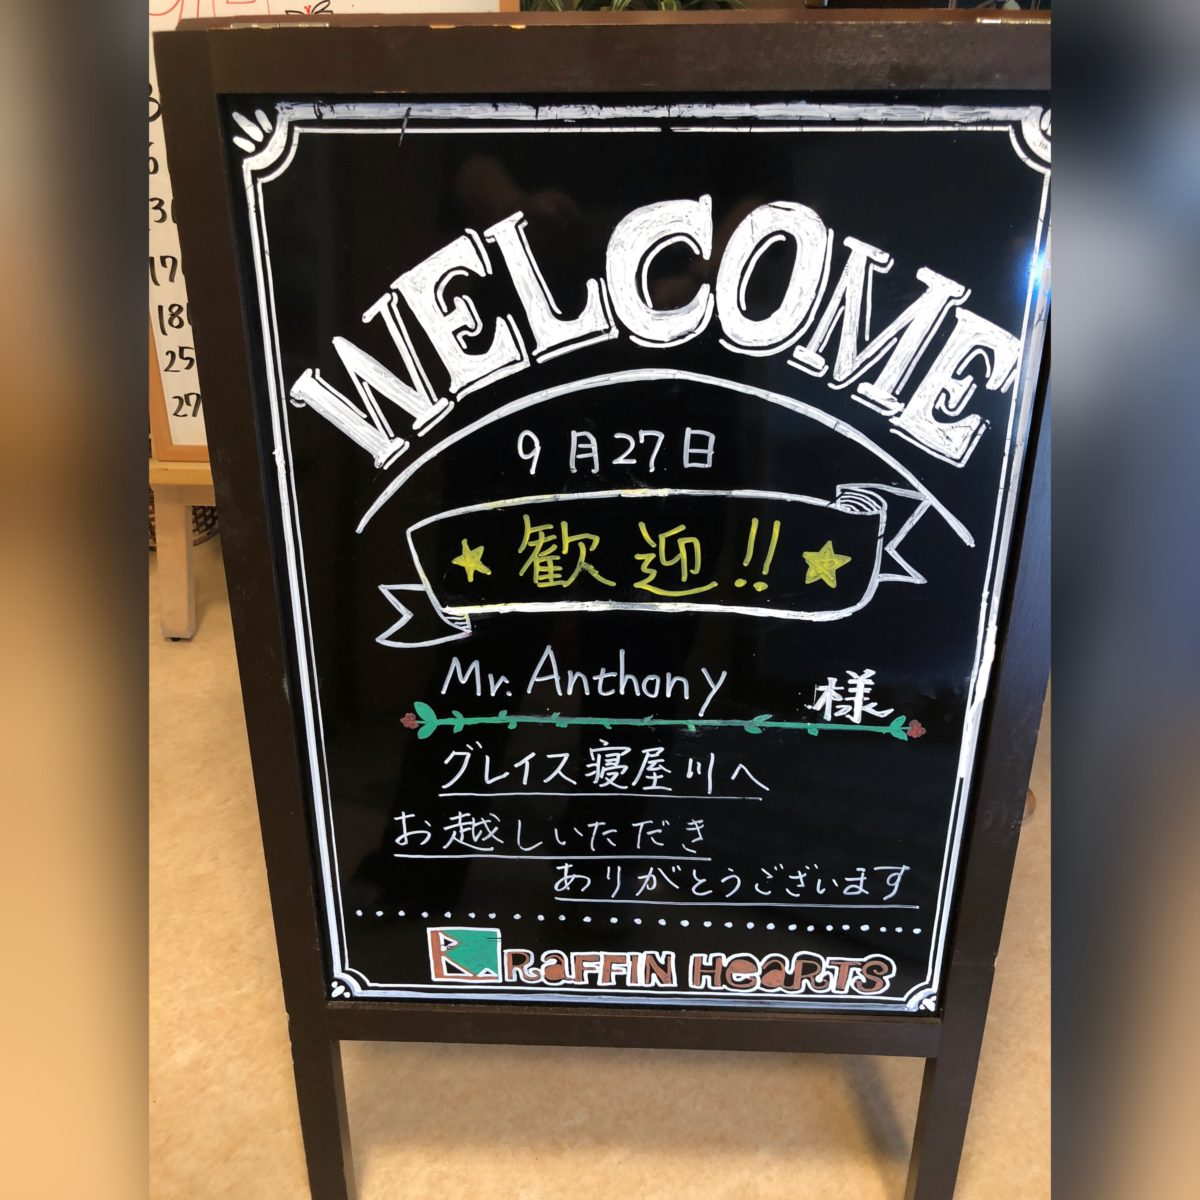 【寝屋川】アンソニーさん来日☆*゚ 前編